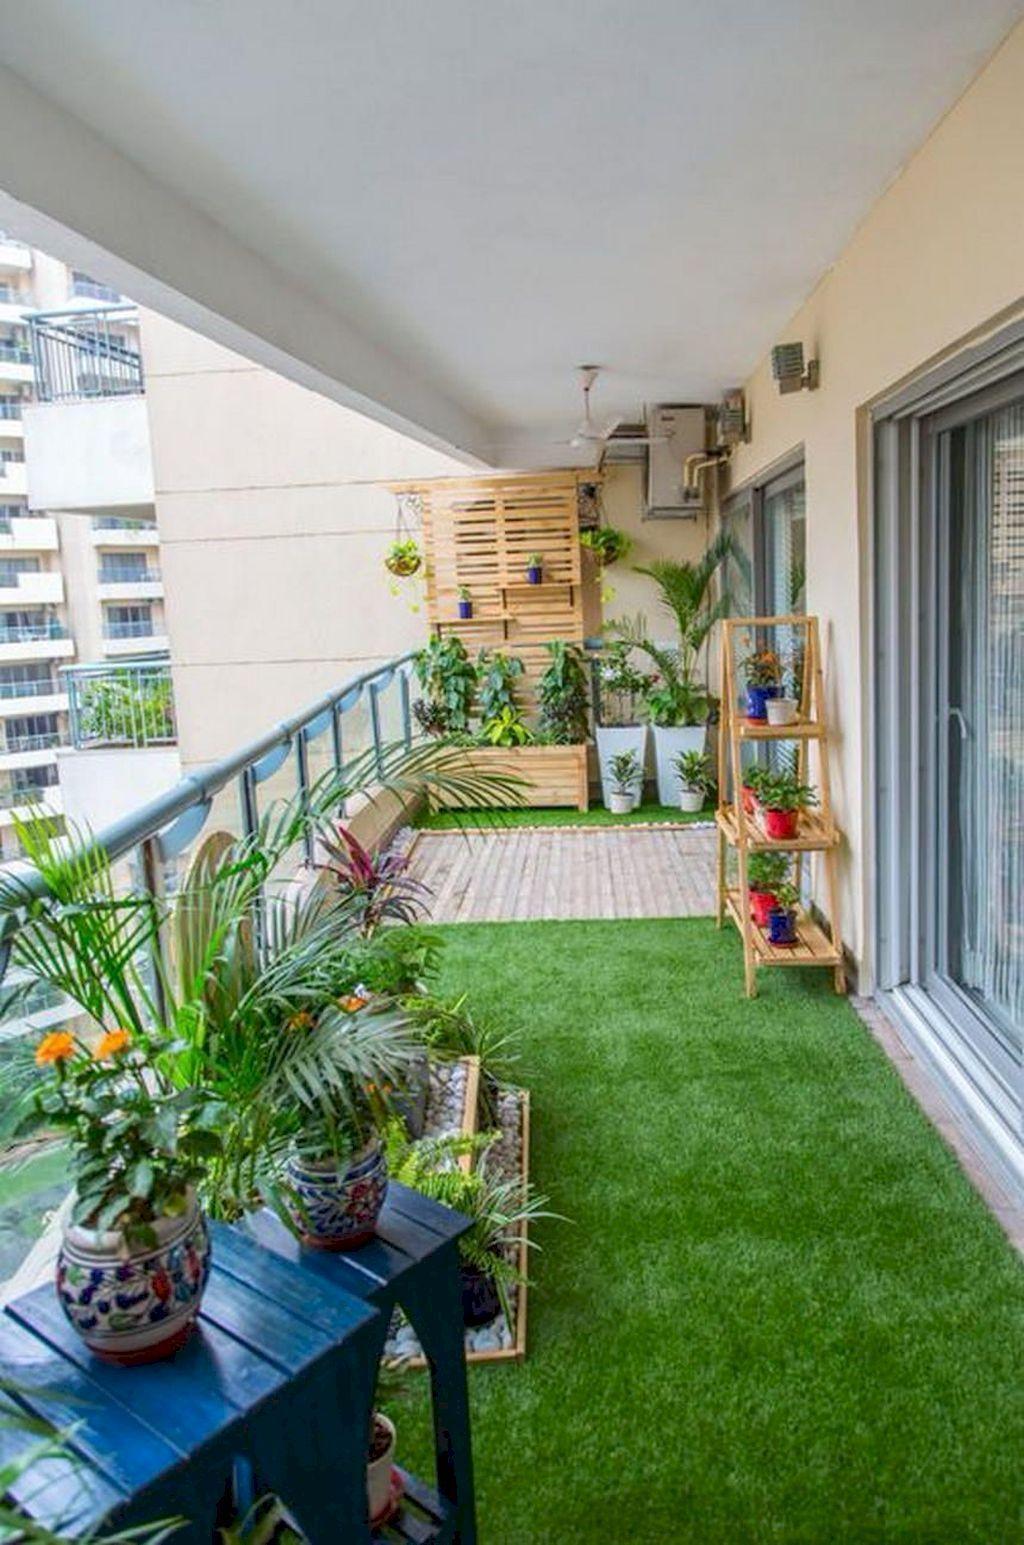 51 cozy apartment balcony decorating ideas   Small balcony ...